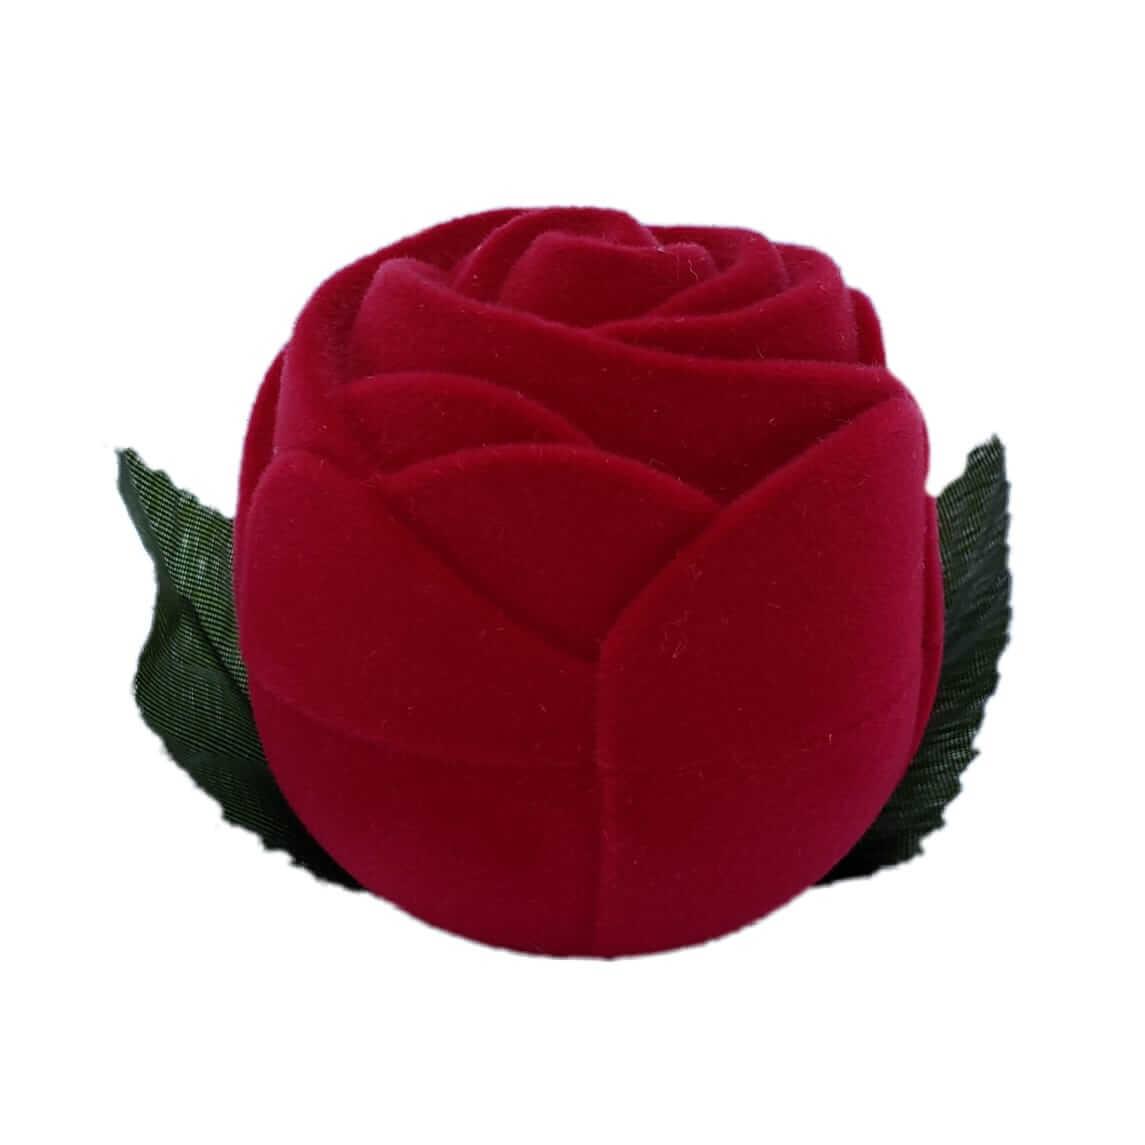 Caixinha em Veludo Rosa Grande sem Caule